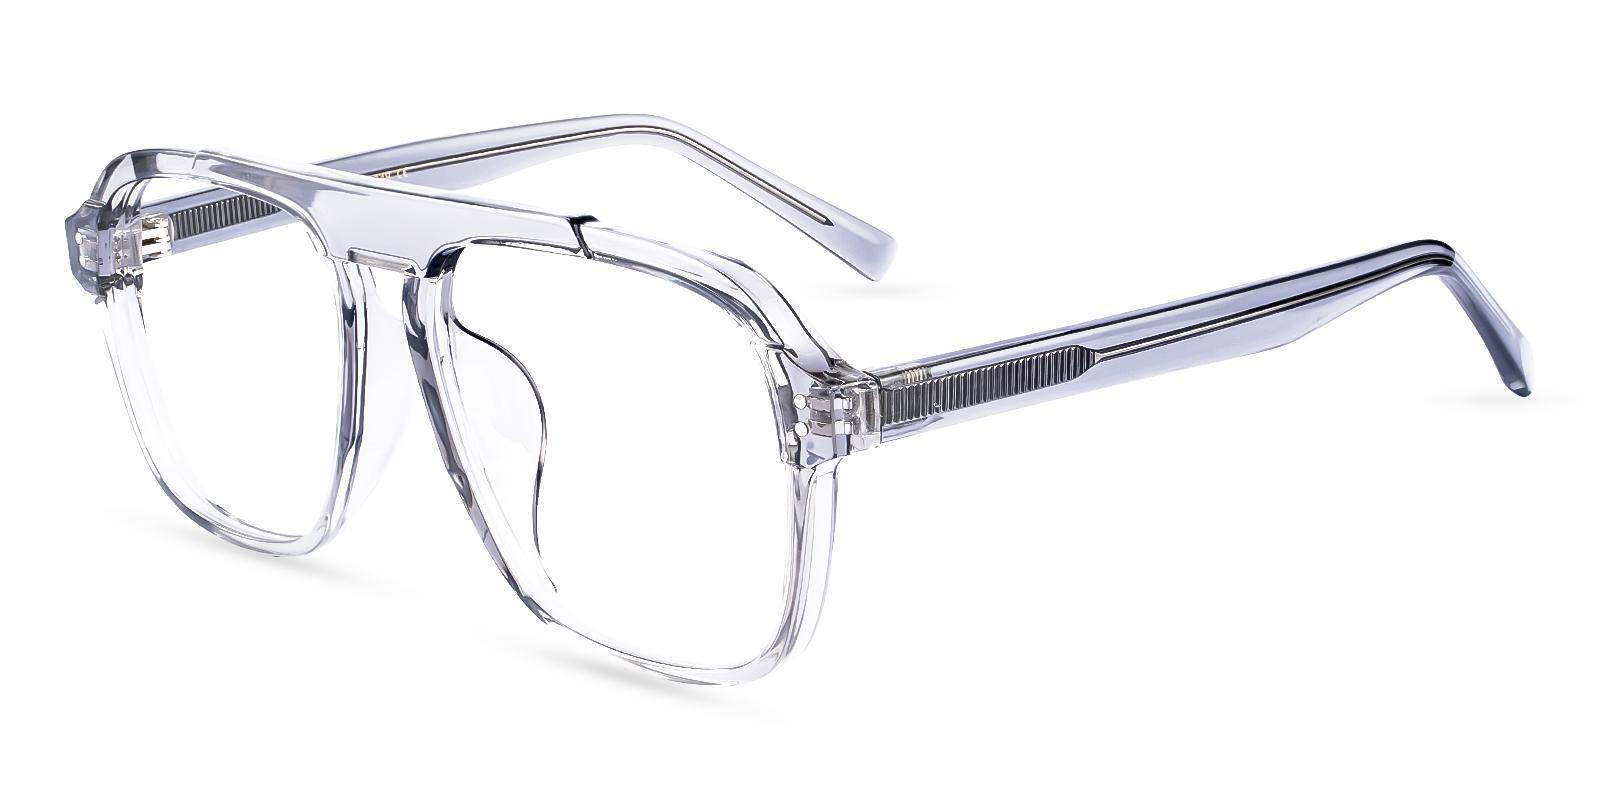 Hijinks Gray  Eyeglasses , UniversalBridgeFit Frames from ABBE Glasses